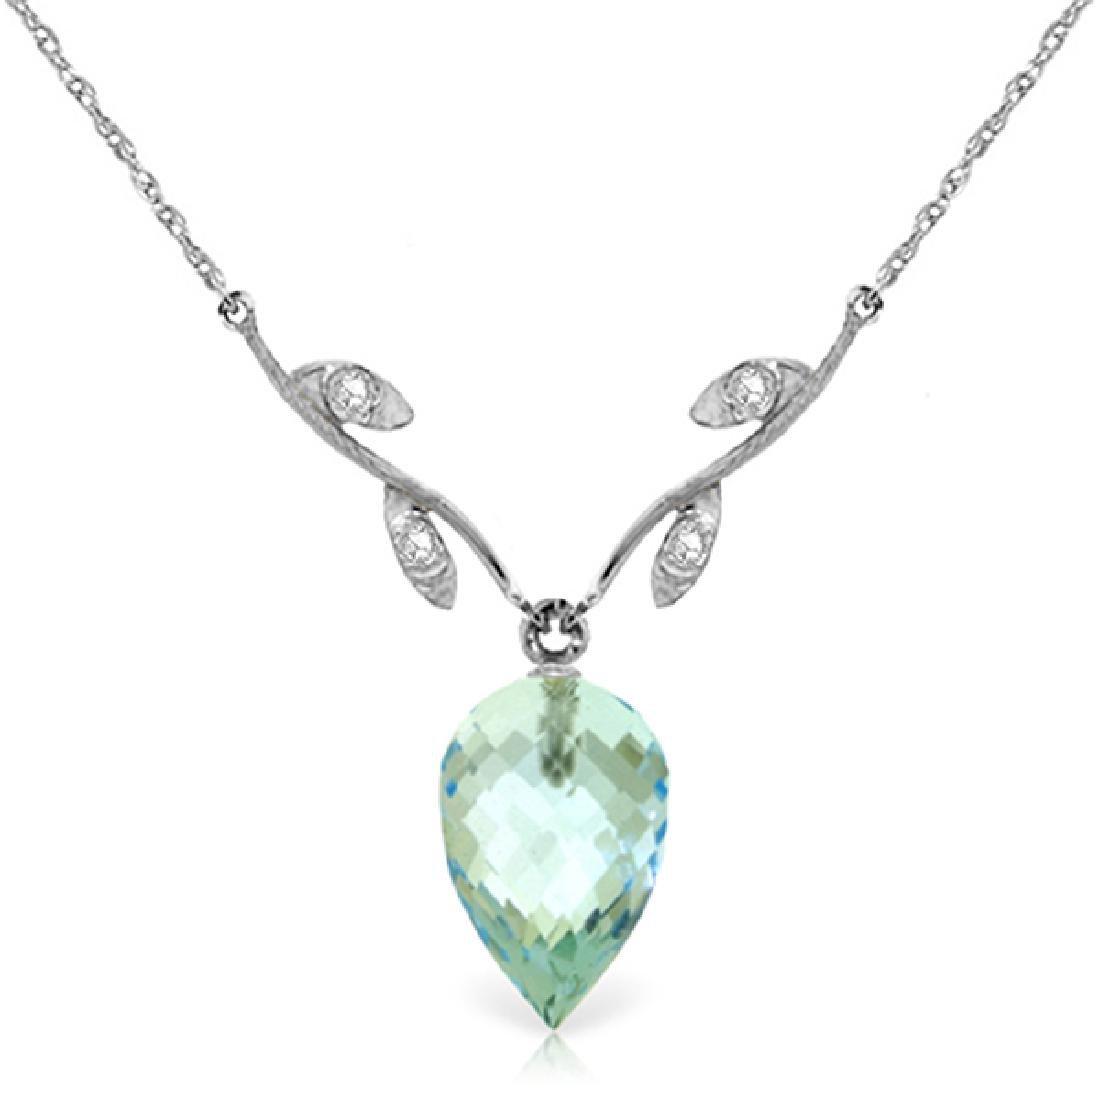 Genuine 11.27 ctw Blue Topaz & Diamond Necklace Jewelry